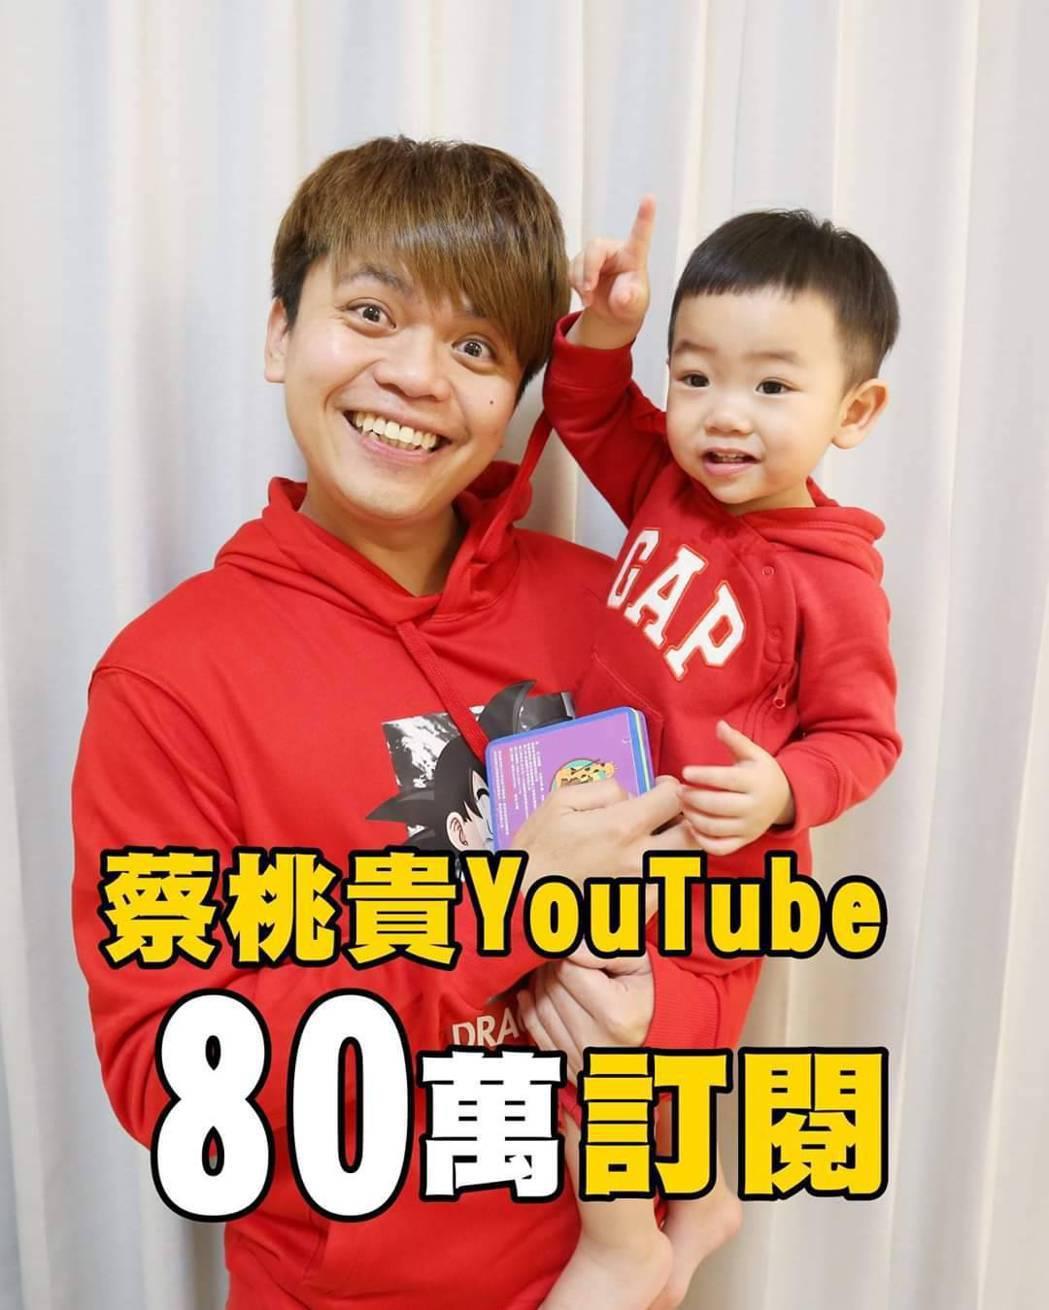 蔡阿嘎和蔡桃貴現已是網紅父子檔。圖/摘自臉書